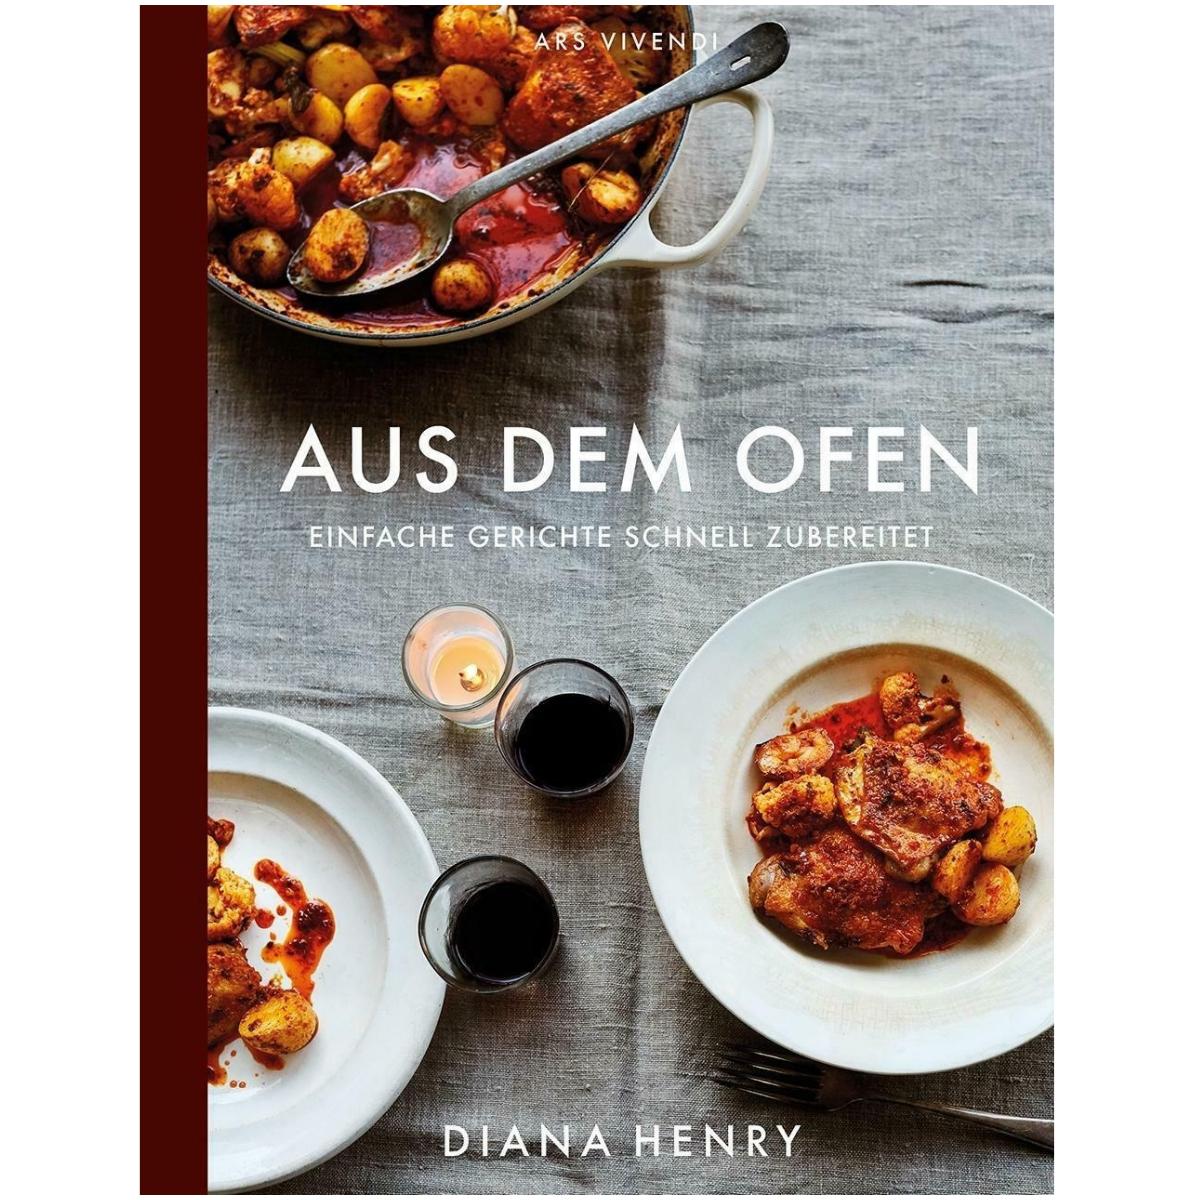 Kochbuch Aus dem Ofen von Diana Henry